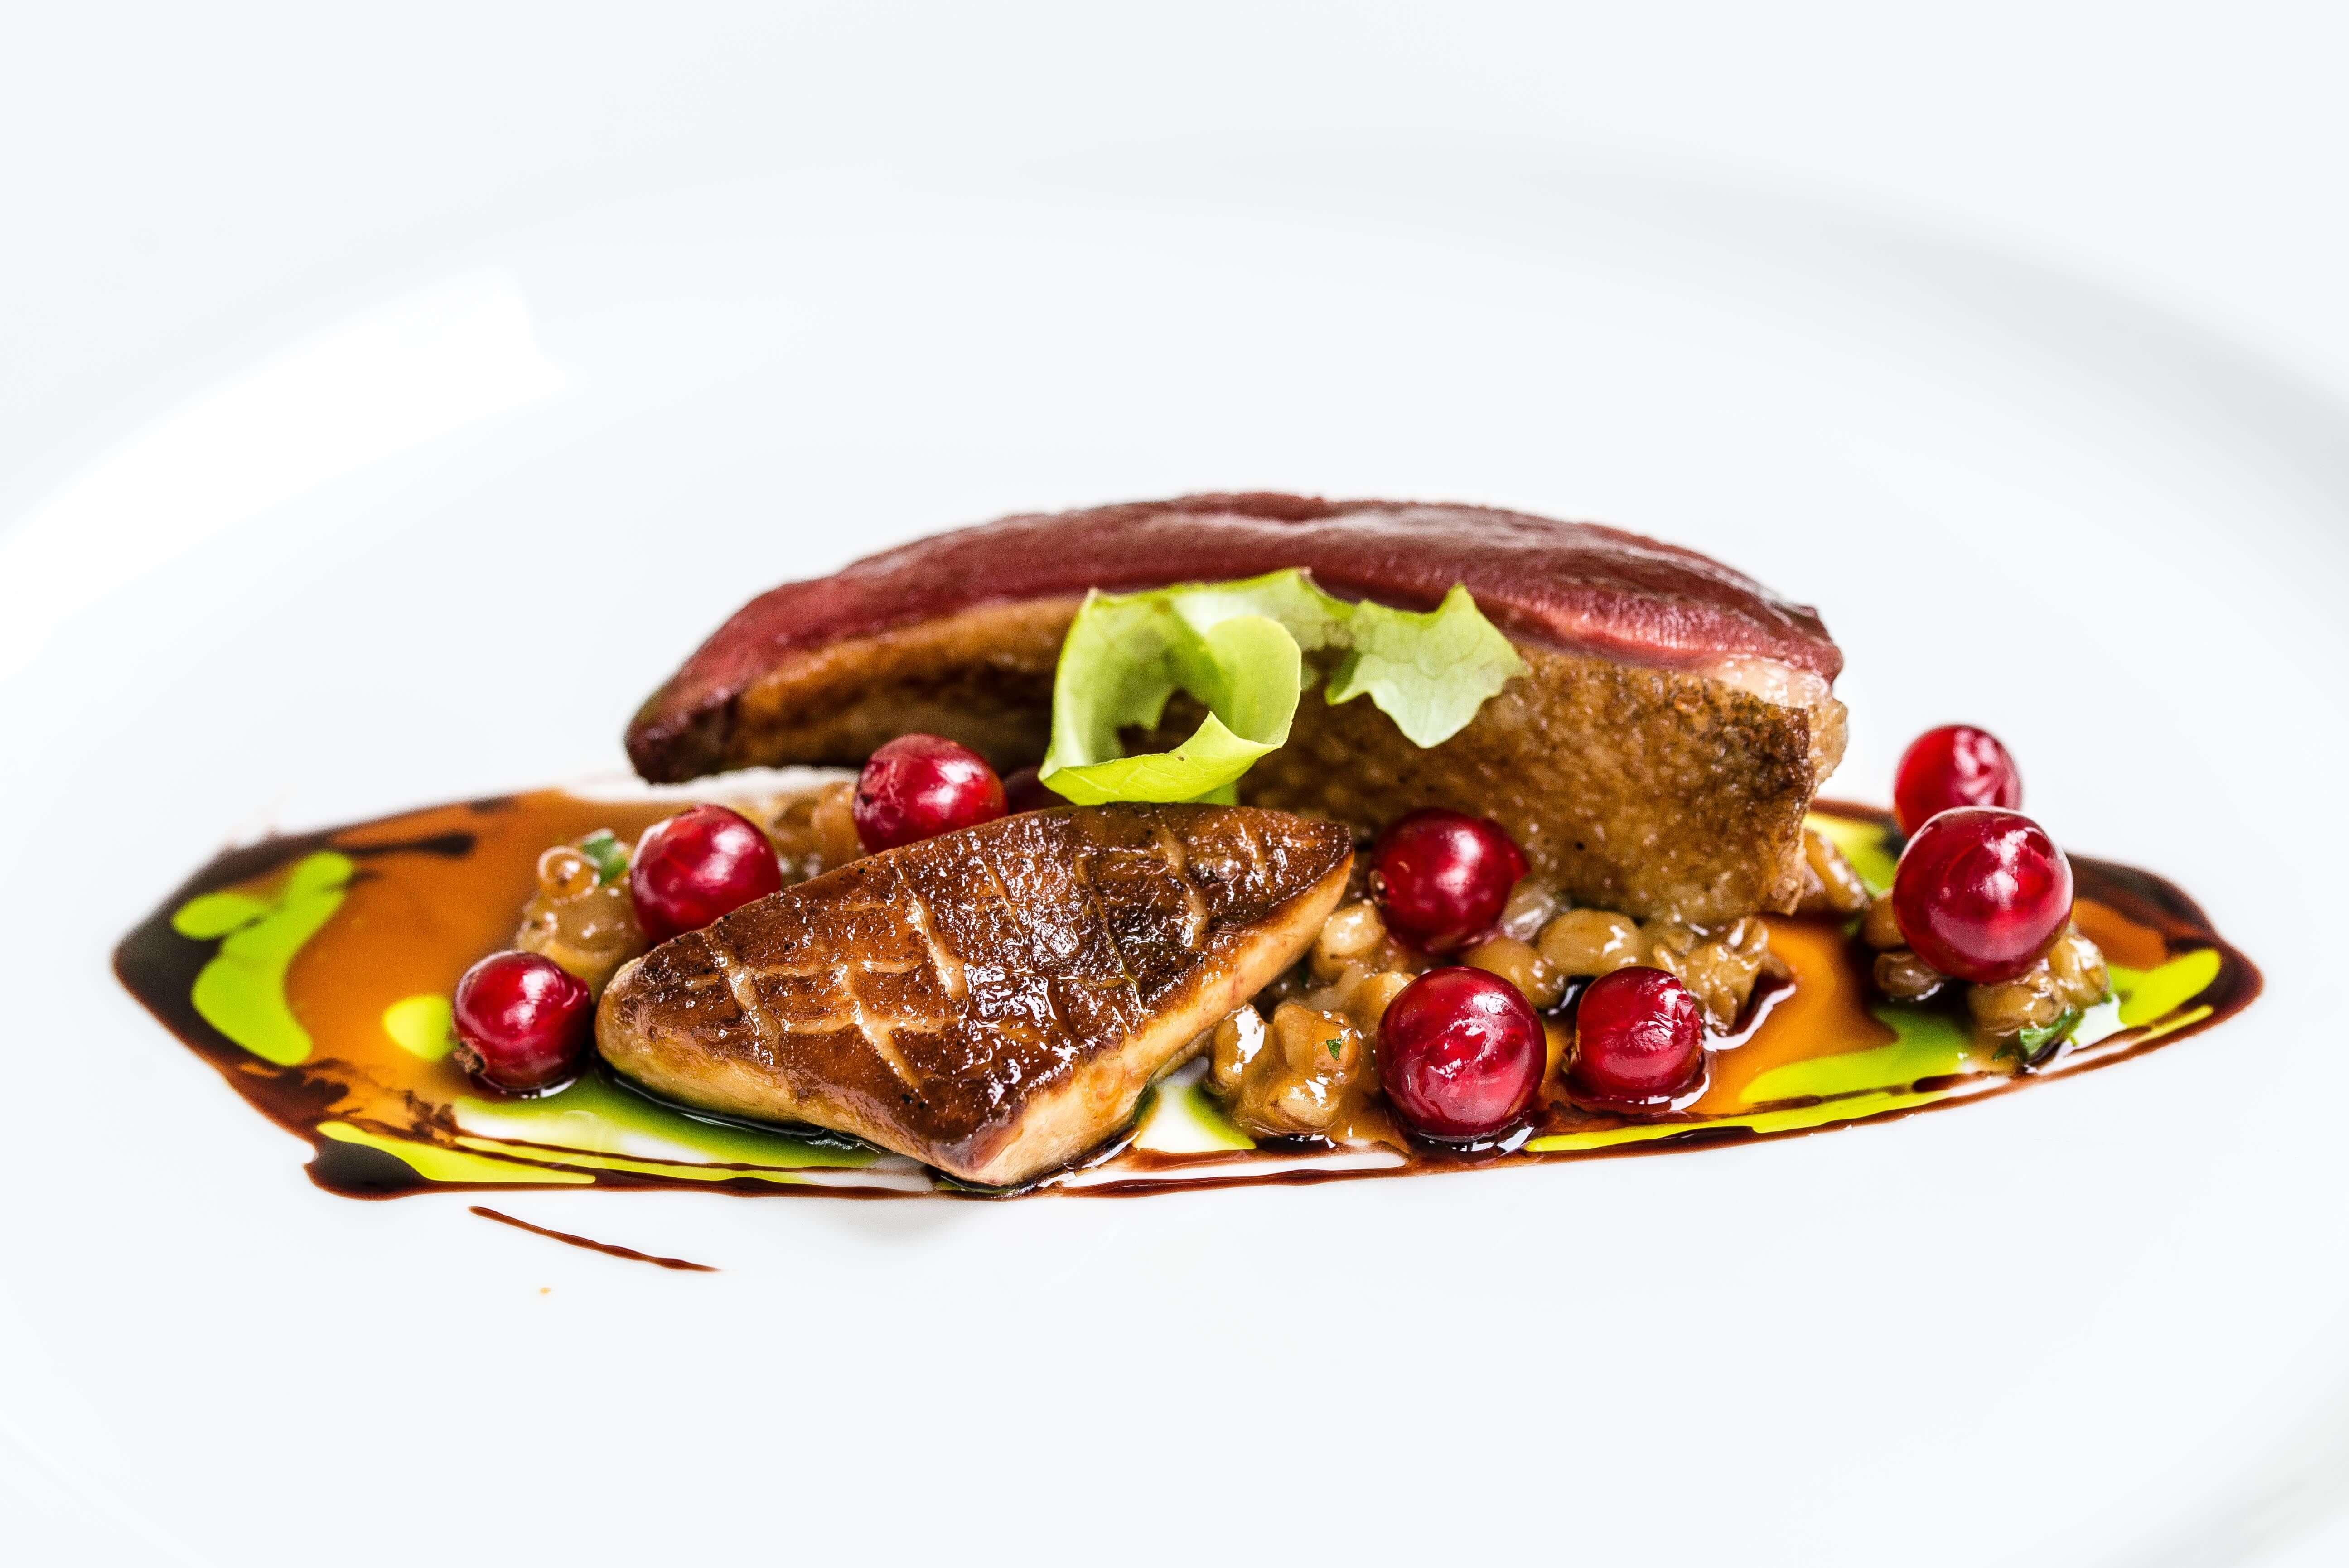 Pałac Ciekocinko 1 - Kulinarna tradycja zobowiązuje. 1906 Gourmet Restaurant w Pałacu Ciekocinko